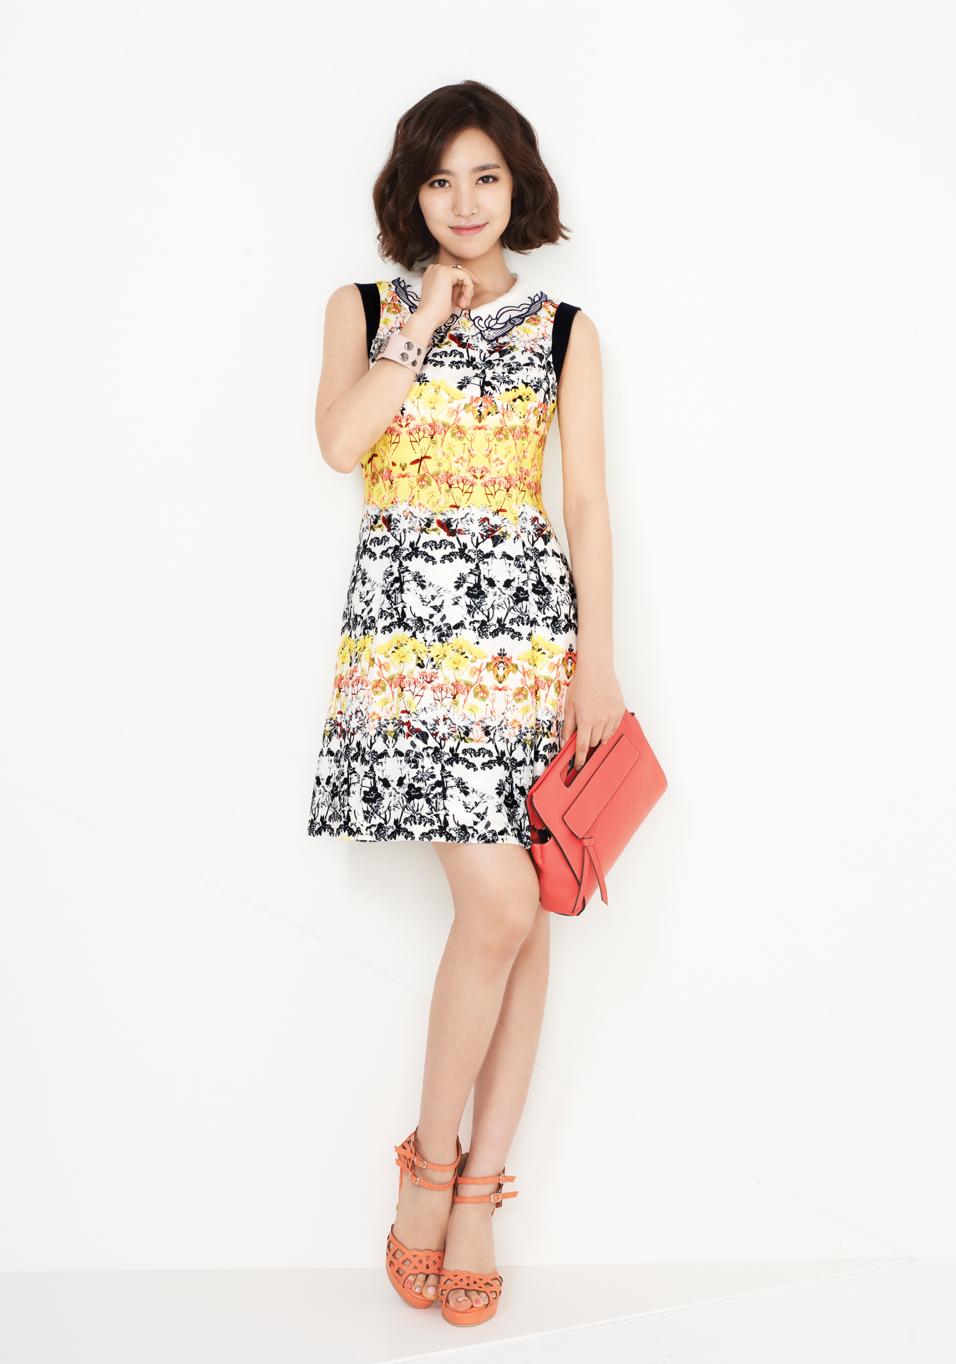 moda coreana modelos de ropa urbana para chicas en  - imagenes de modelos con ropa de moda